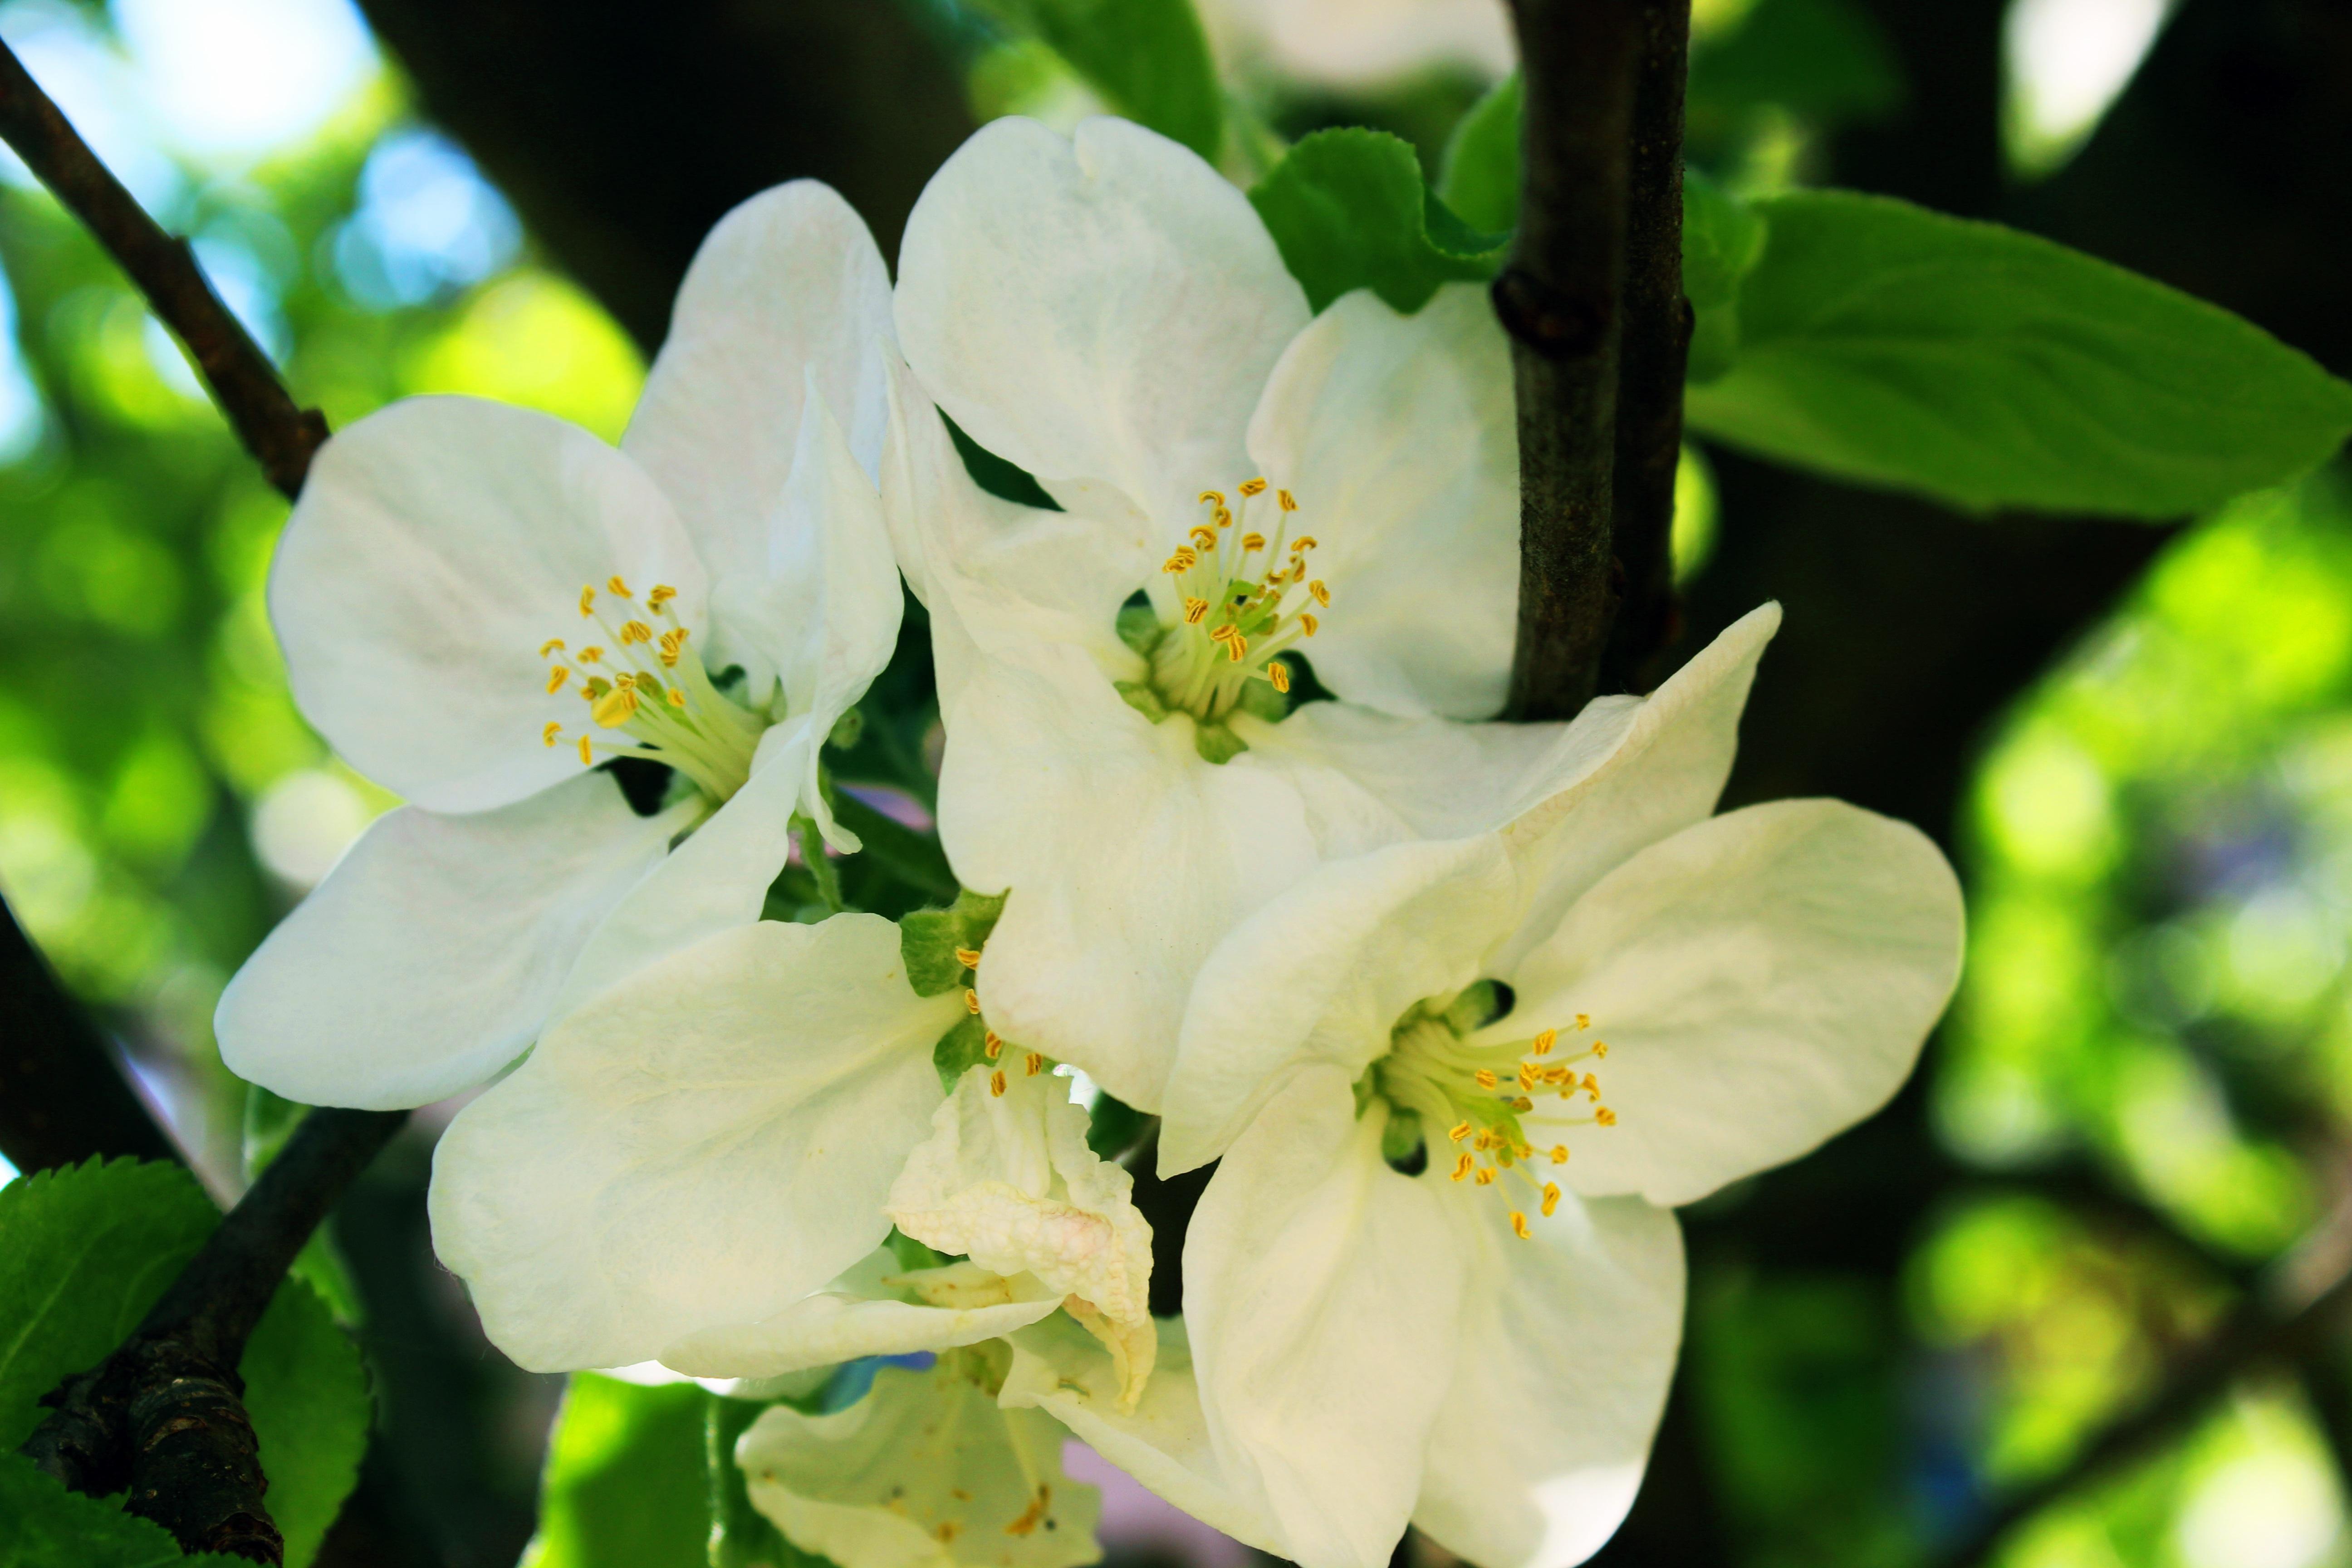 цветы яблоки листья картинки оттенков шоколад его